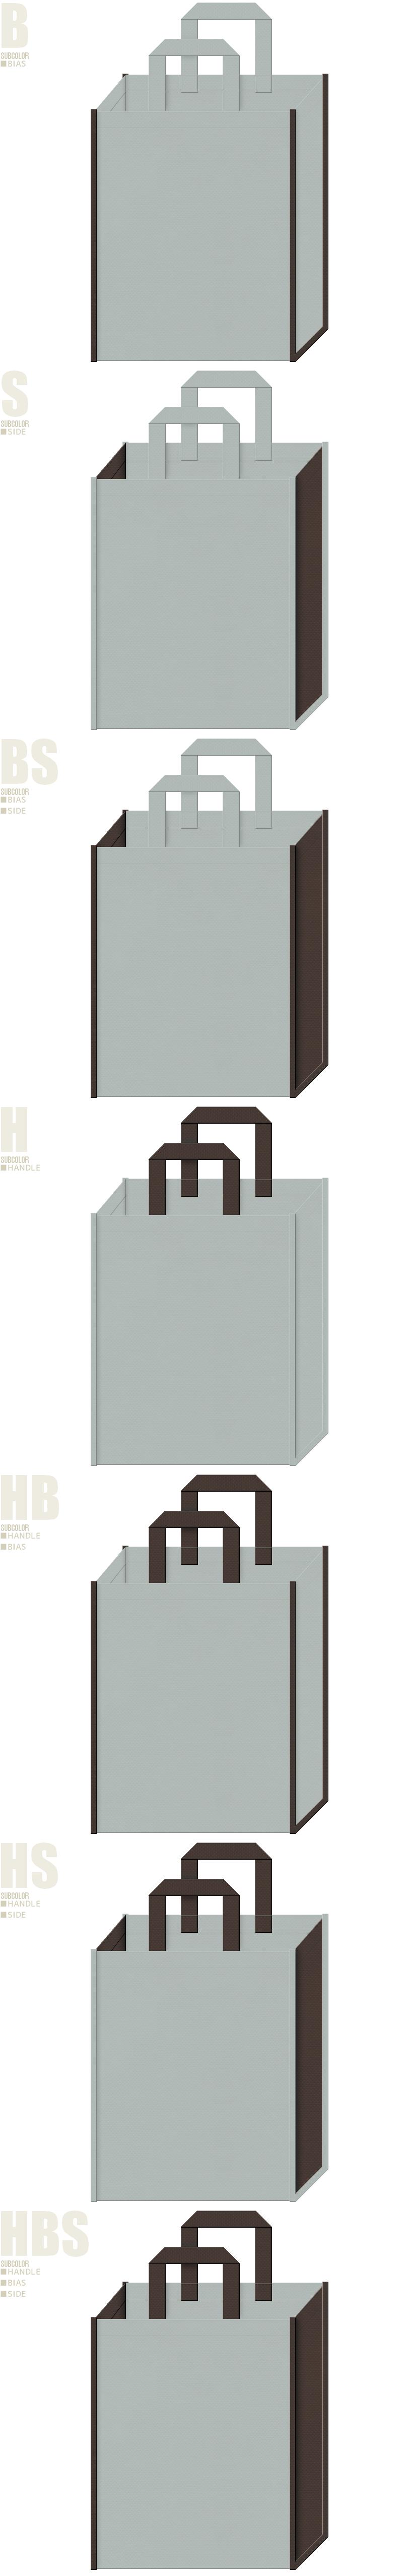 オフィス用品・オフィス什器の展示会用バッグにお奨めの、グレー色とこげ茶色-7パターンの不織布トートバッグ配色デザイン例。オフィスビルのイメージ